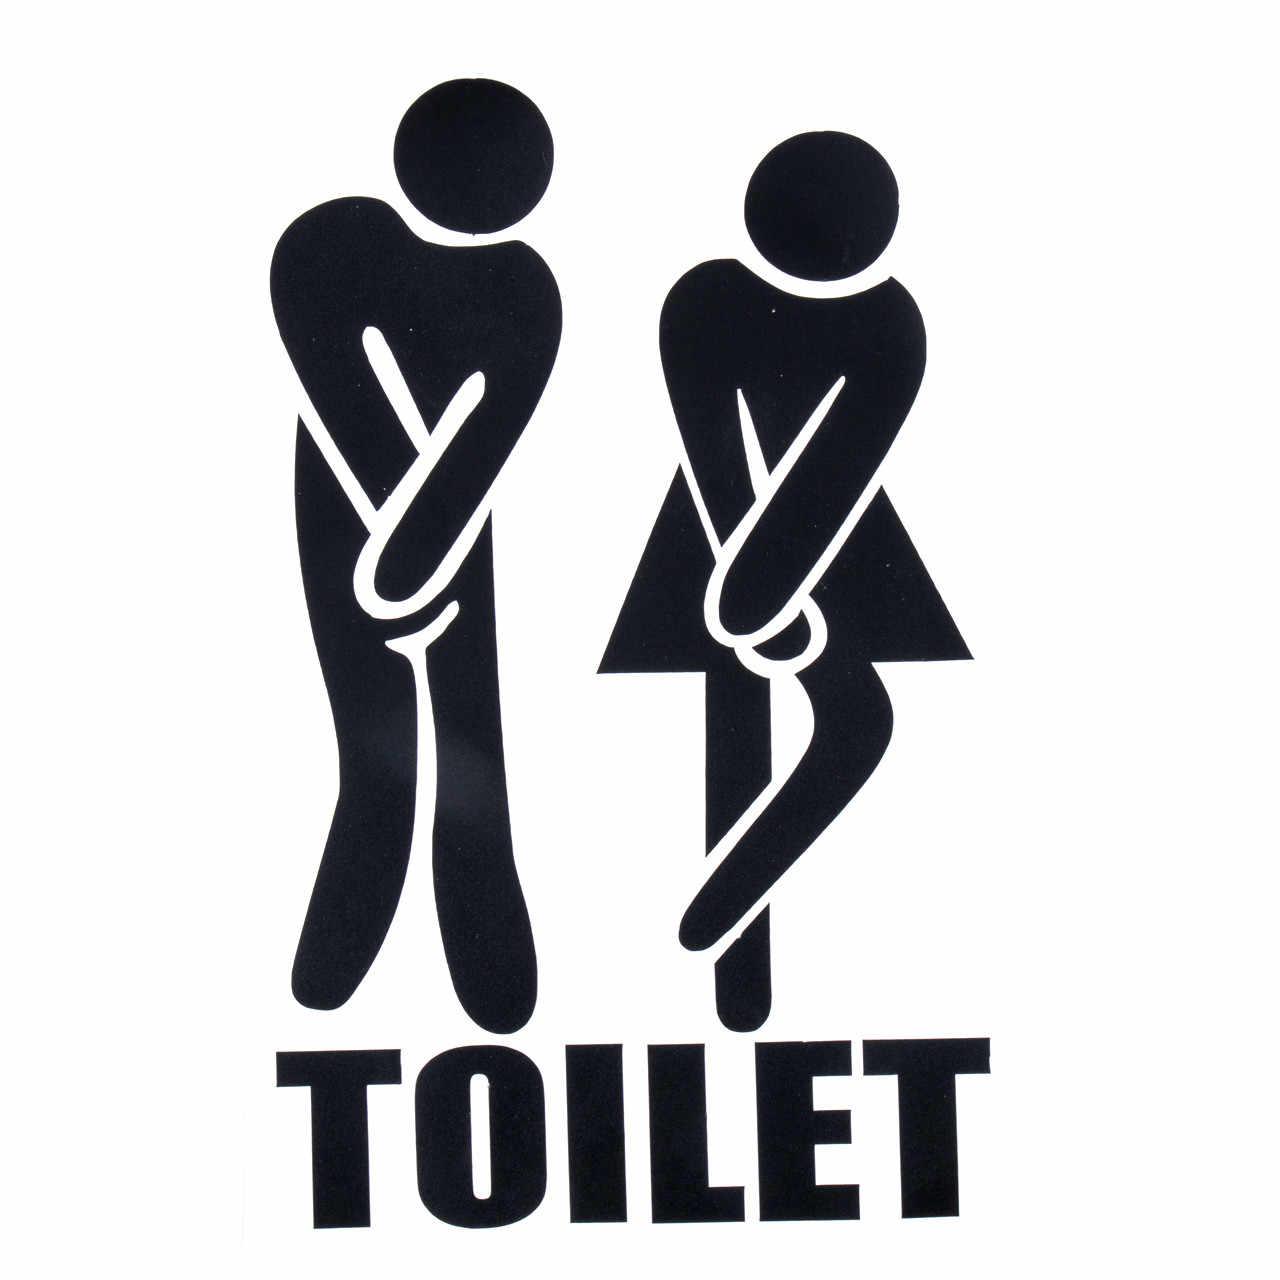 مرحاض مضحك مدخل تسجيل جدار ملصقا صائق القابلة للإزالة DIY المرحاض أبواب الحمامات ملصقات لمتجر مكتب فندق ديكور المنزل